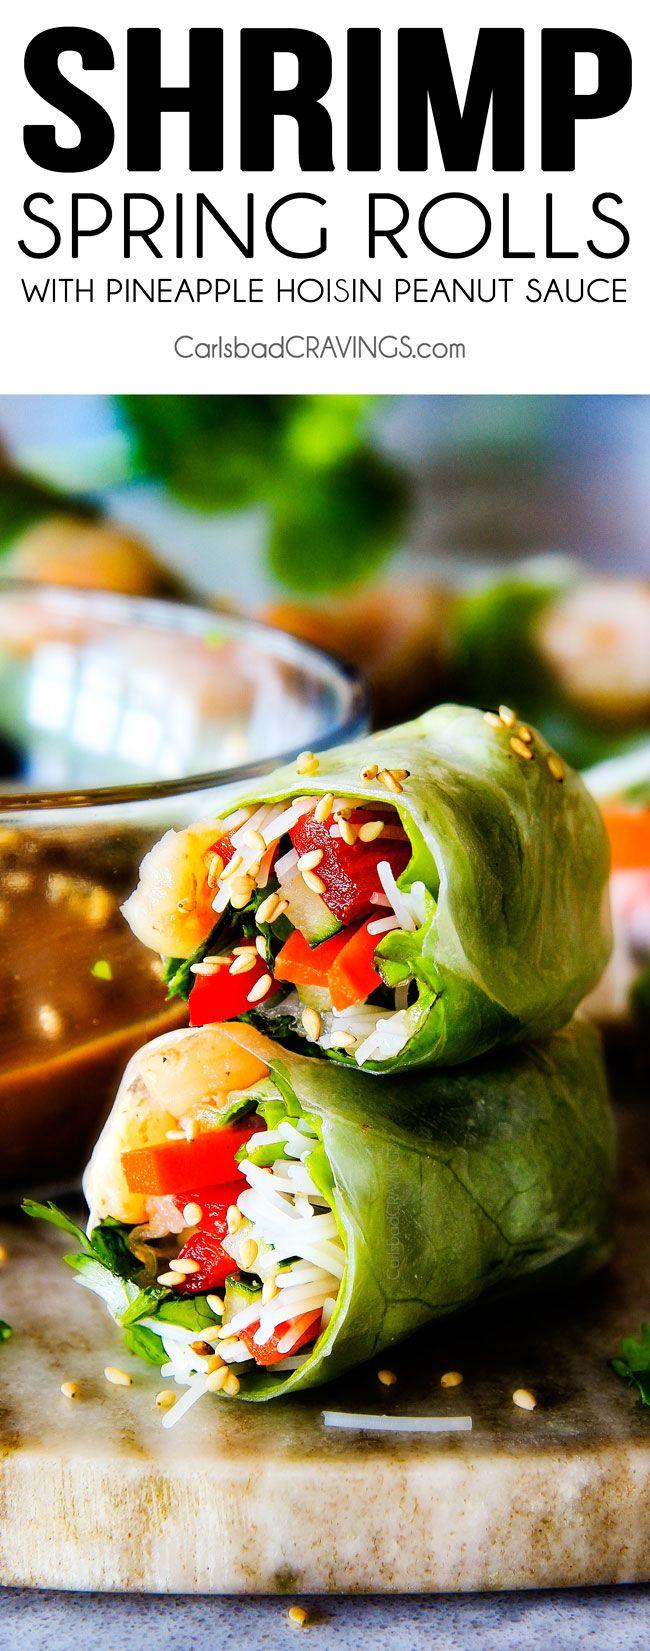 Estes insanamente deliciosos Fresh Shrimp Spring Rolls são uma explosão de sabor e textura em cada mordida viciante e super fácil de fazer com todas as minhas dicas e truques e fotos passo a passo!  Eo o abacaxi Hoisin amendoim molho é tudo!